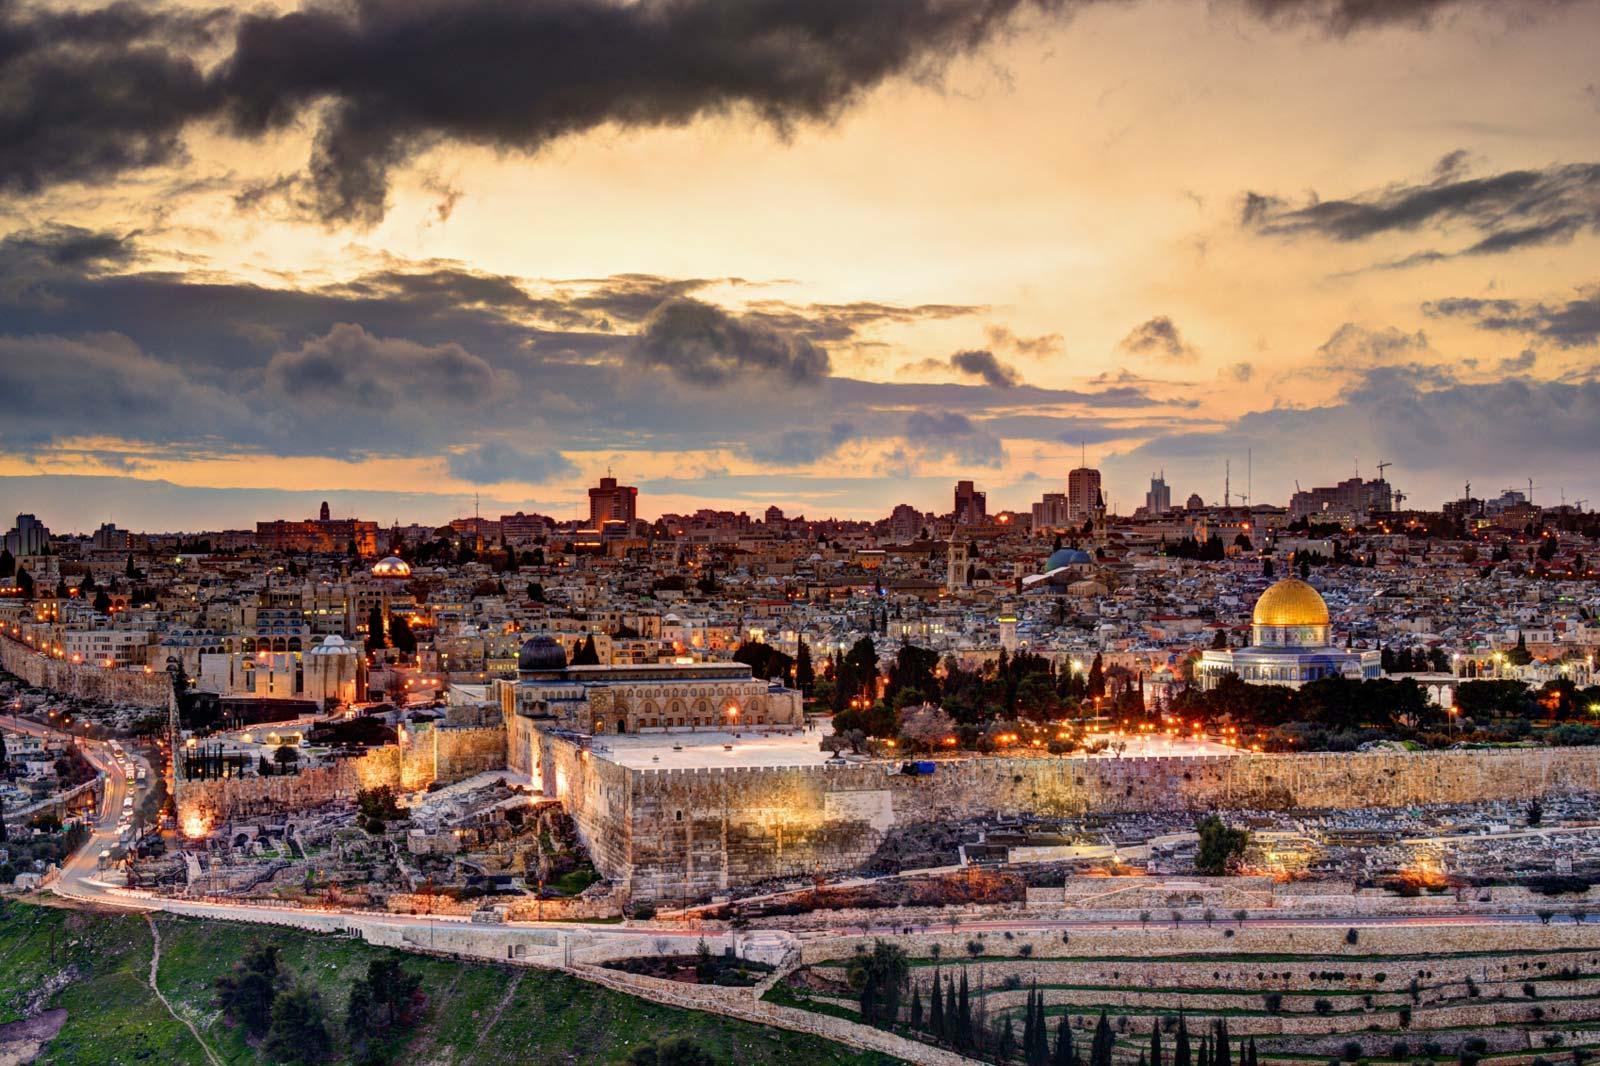 ISRAEL: É UM PROBLEMA OU A SOLUÇÃO?